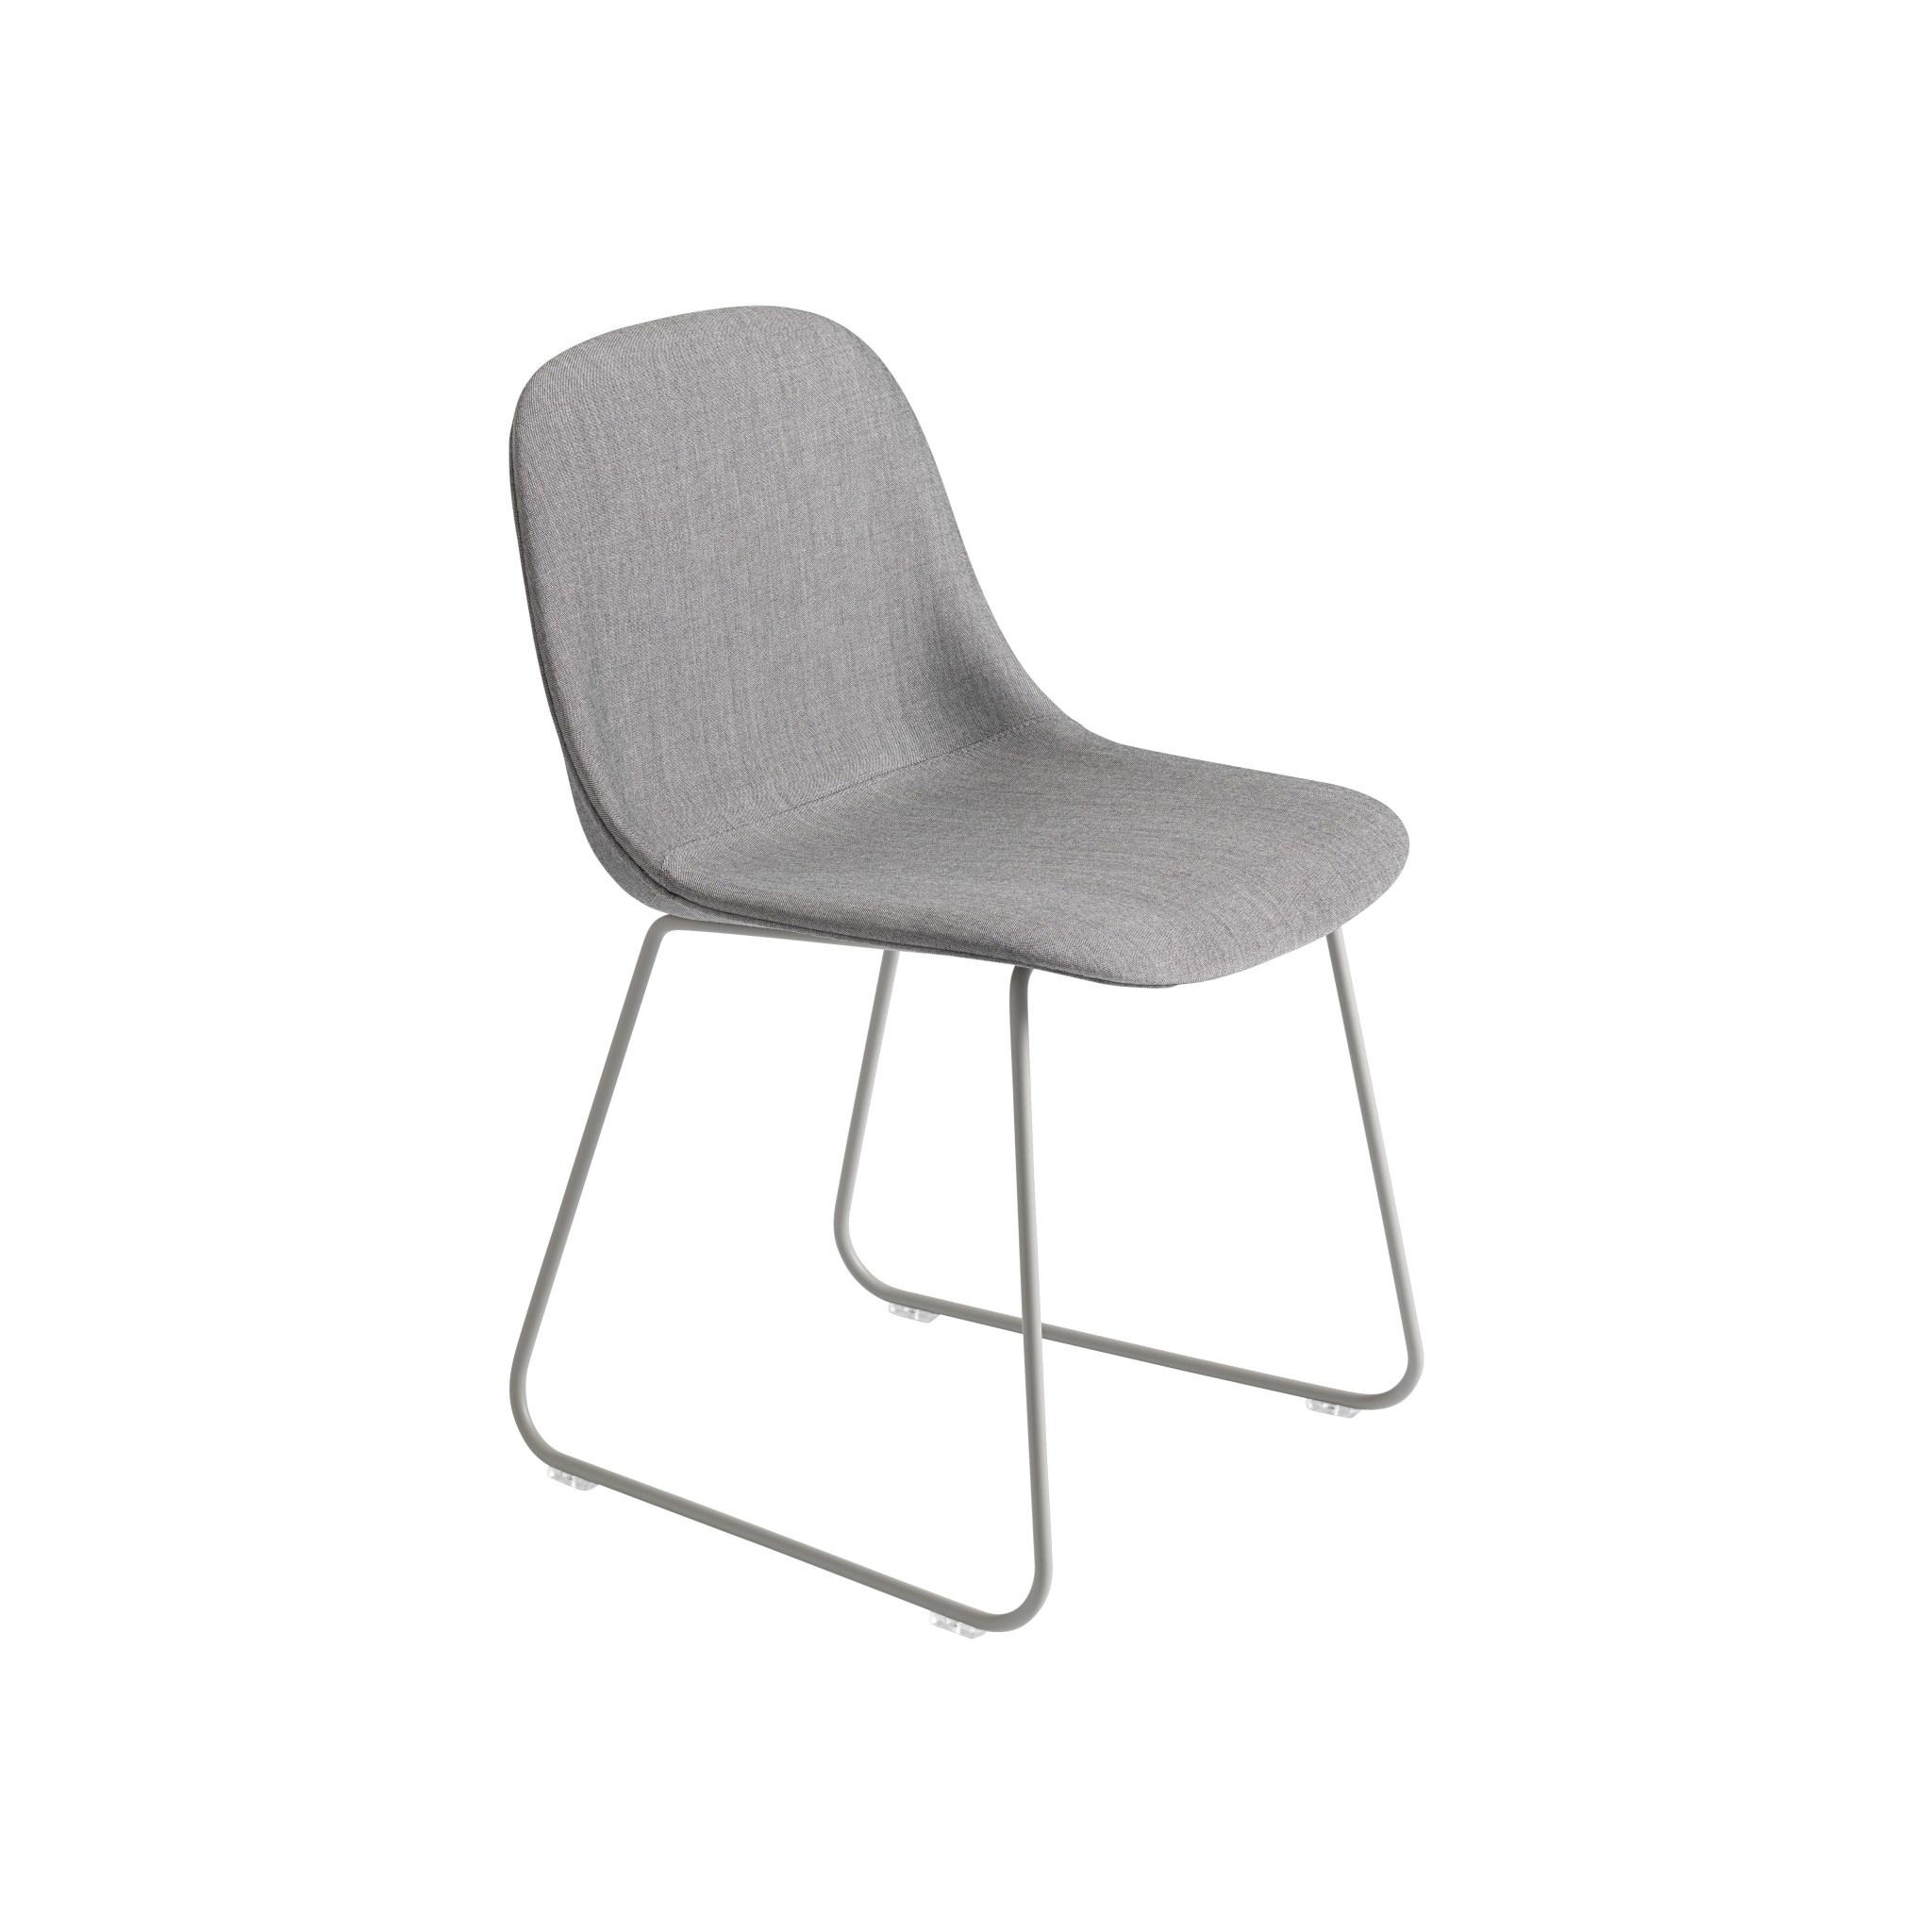 Fiber side chair sled base-7